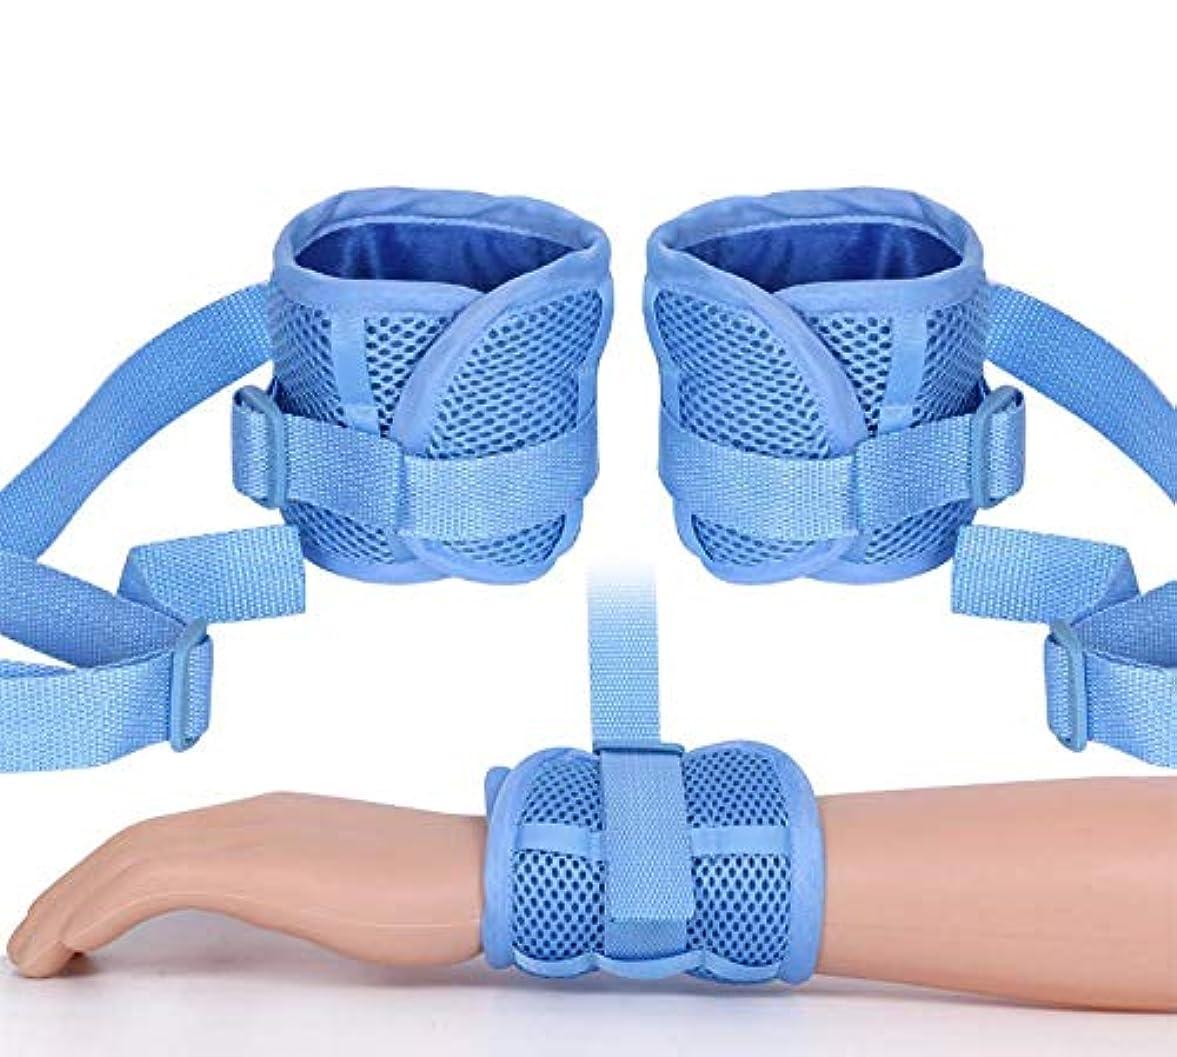 疲労ほめるテクスチャー手や足ユーチューブニバーサル制約コントロールクイックリリース(1ペア)のための制御四肢ホルダー医療拘束患者の病院のベッドの四肢ホルダー